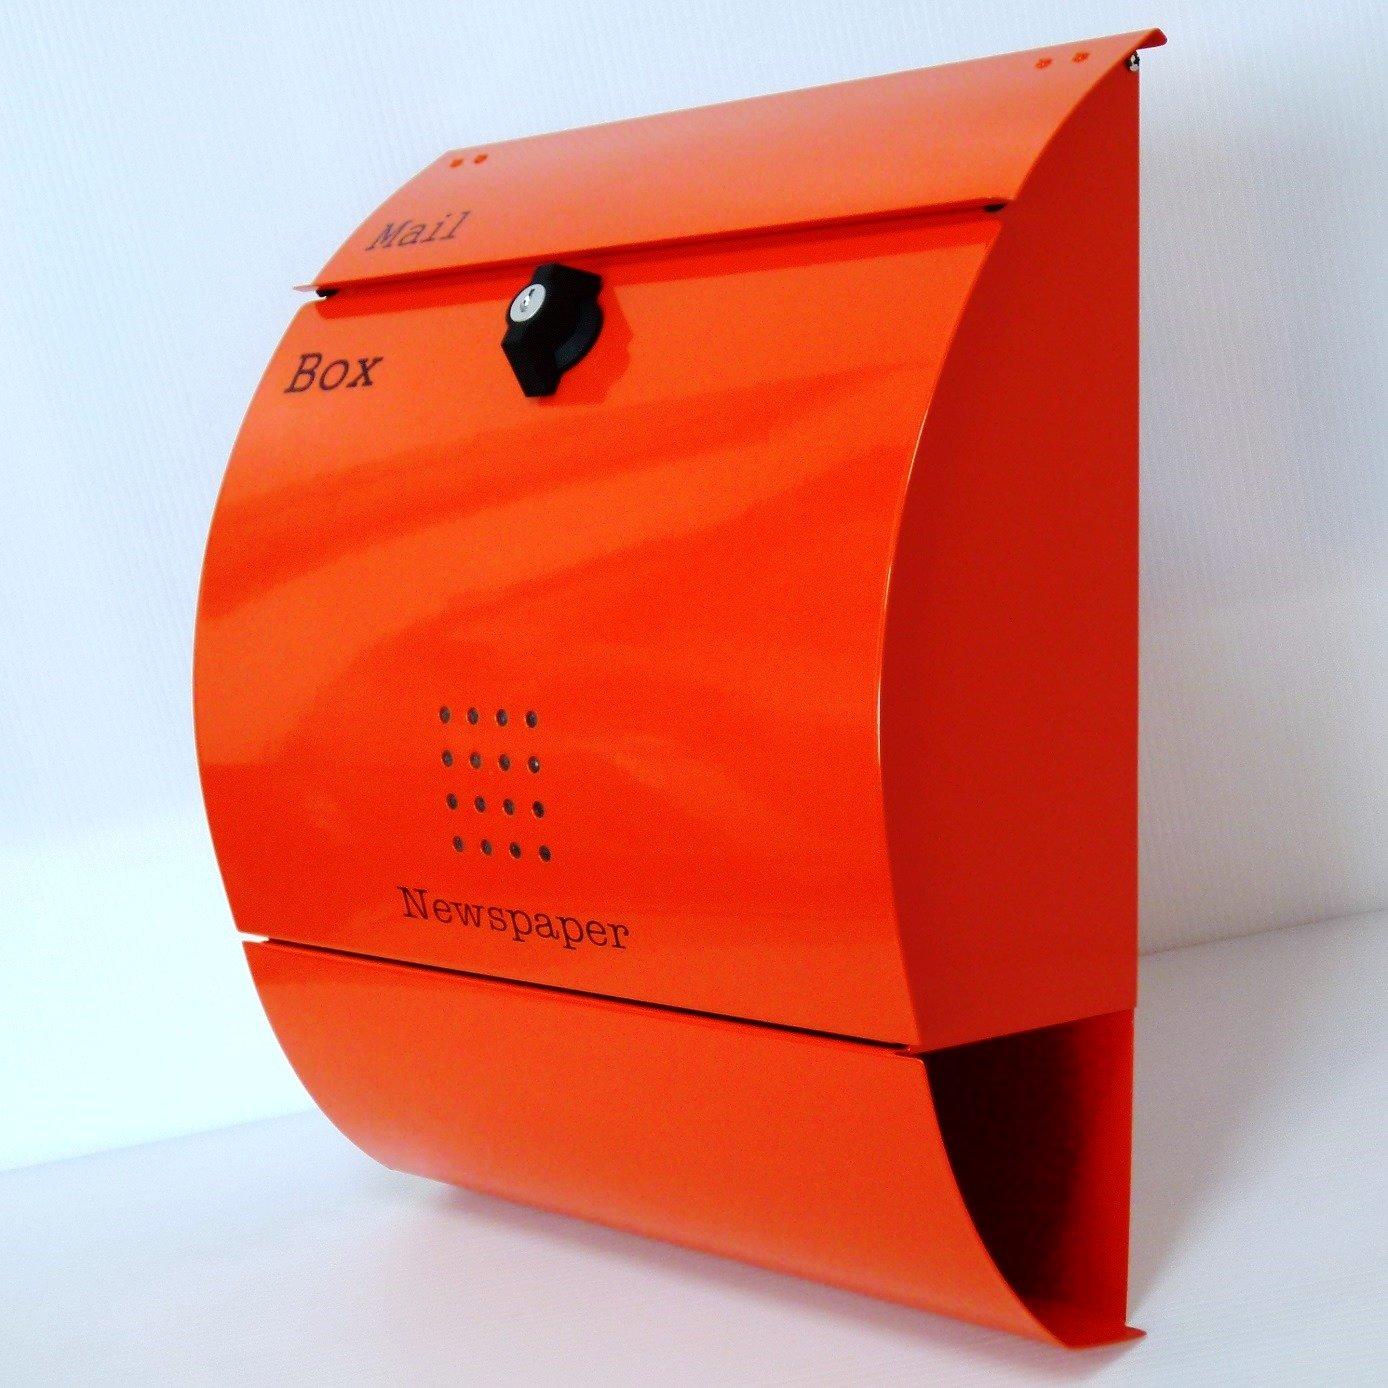 郵便ポスト 郵便受け 大型メールボックス壁掛けオレンジ色 プレミアムステンレスポストpm035 B01N75EWR6 12880